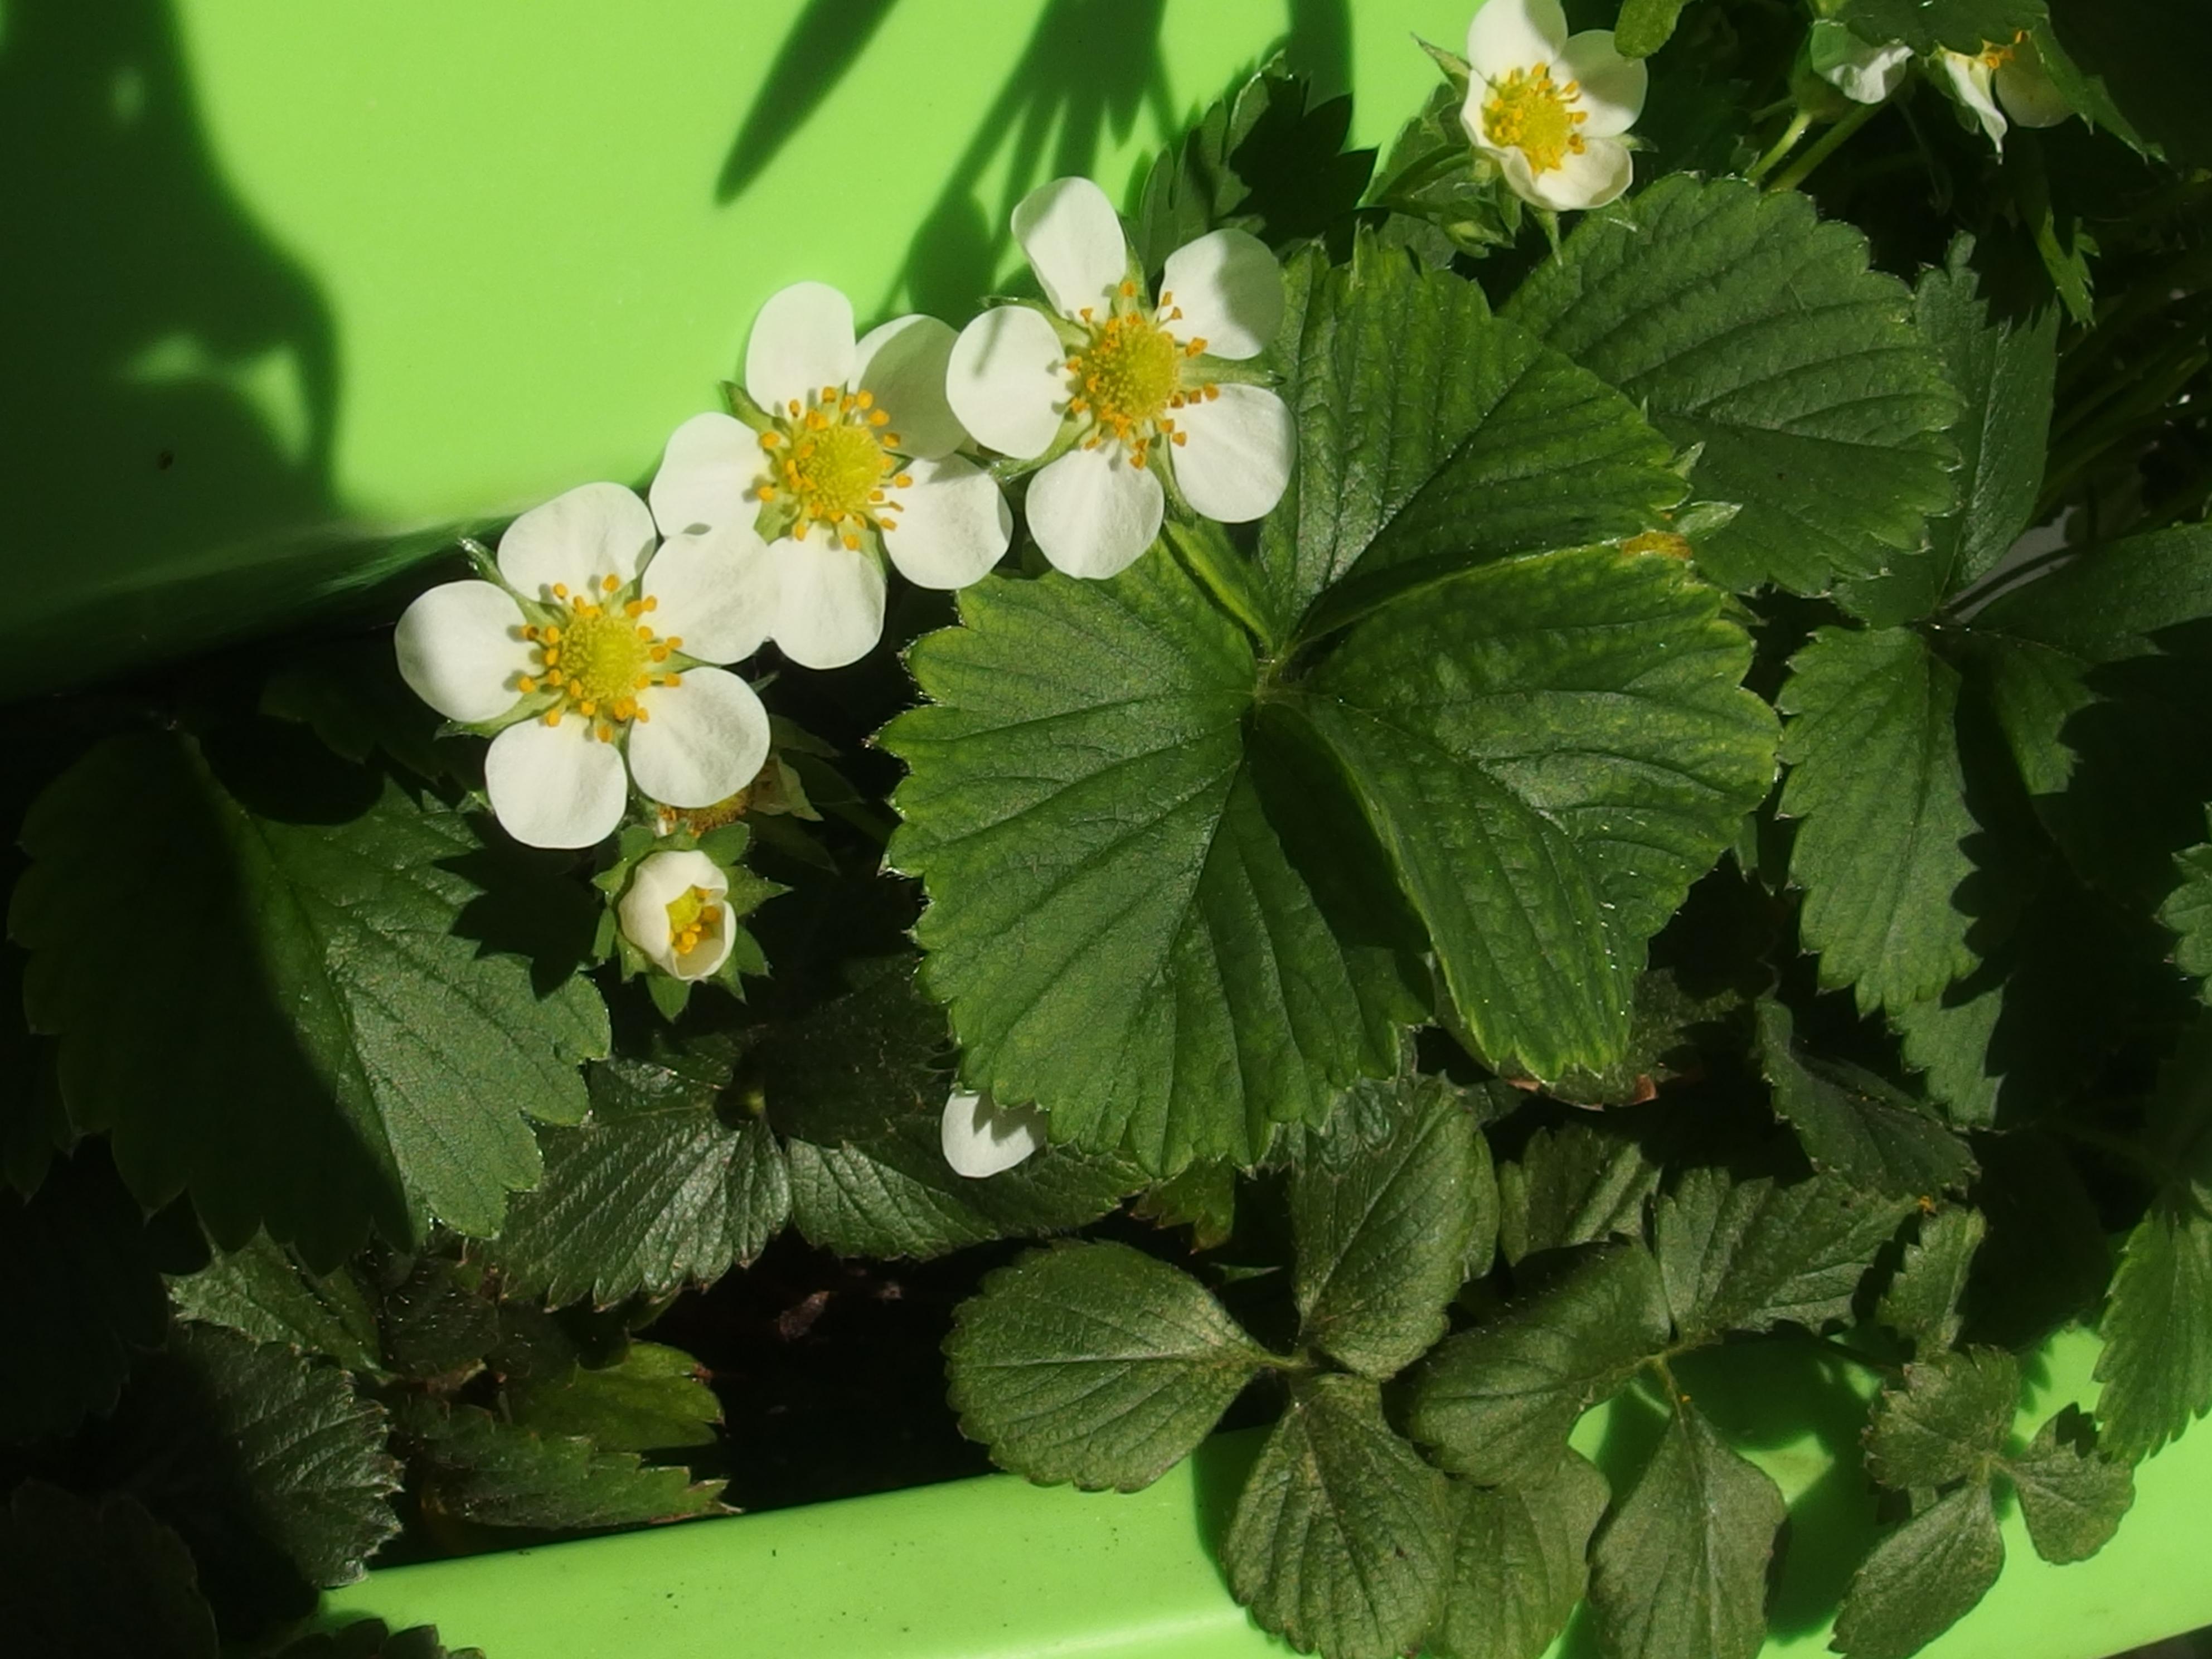 La fraise des bois et des jardins… sur le balcon